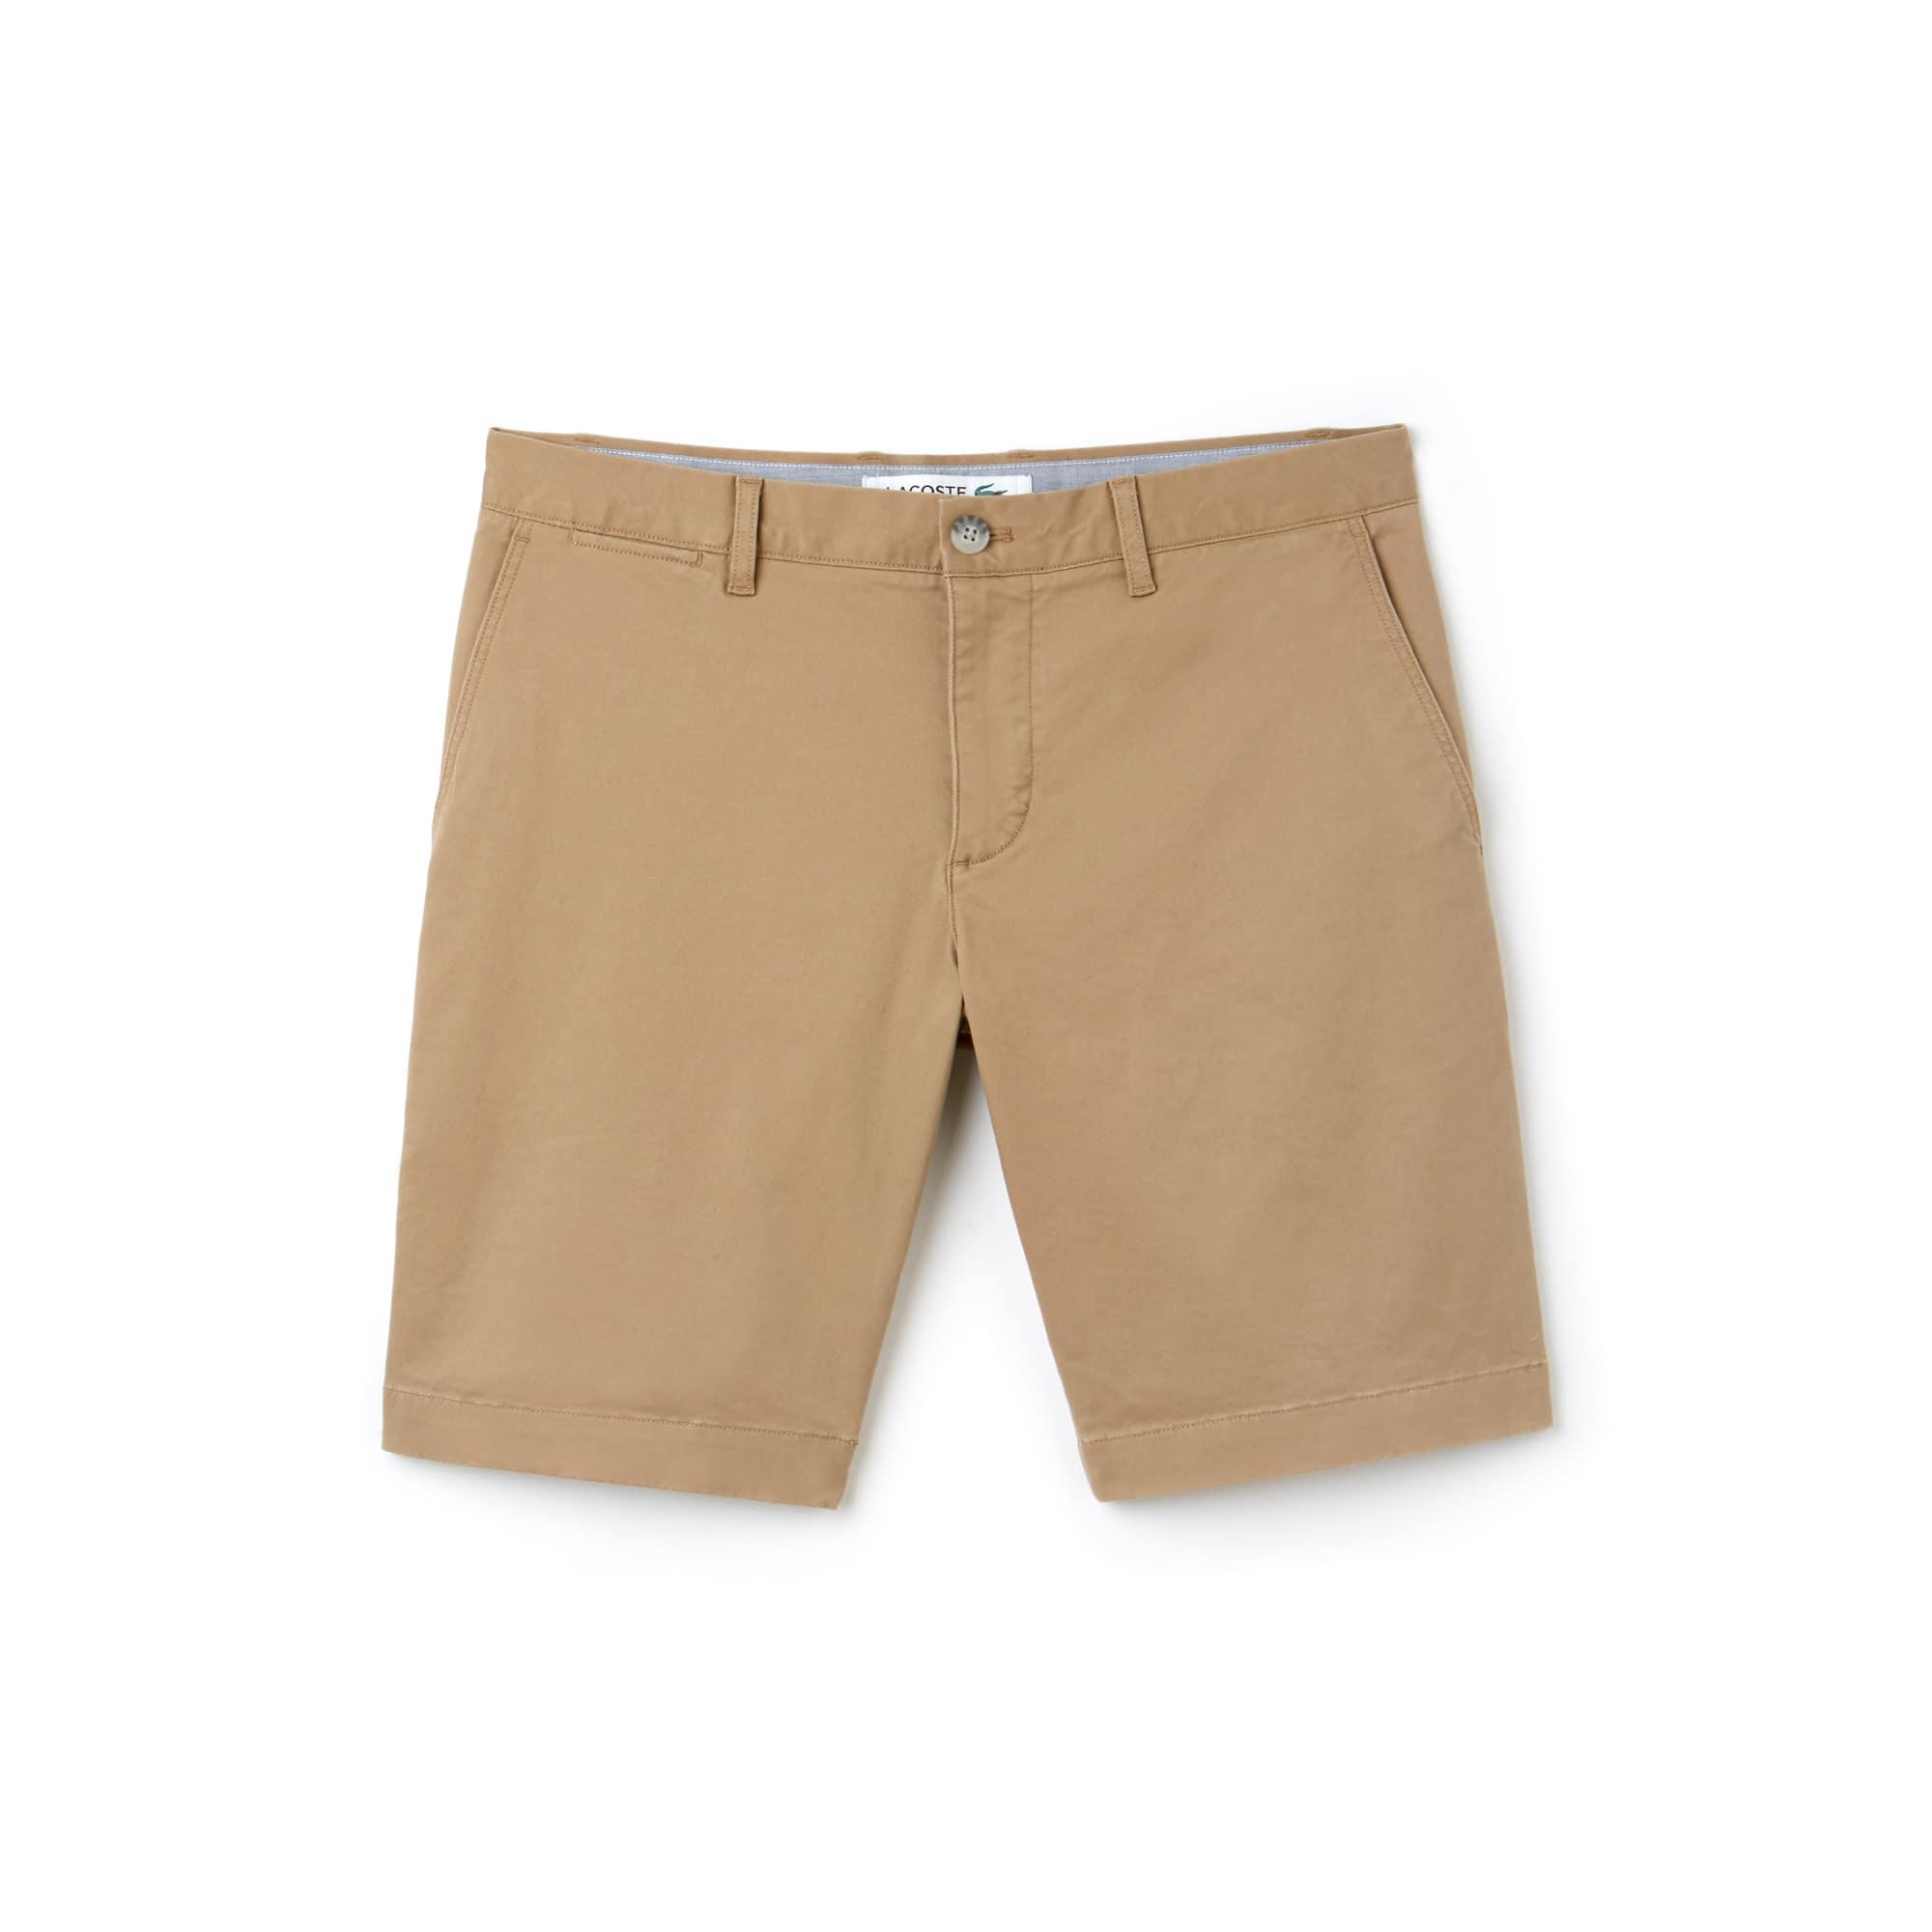 라코스테 반바지 (슬림핏) Lacoste Mens Slim Fit Stretch Gabardine Bermuda Shorts,beige